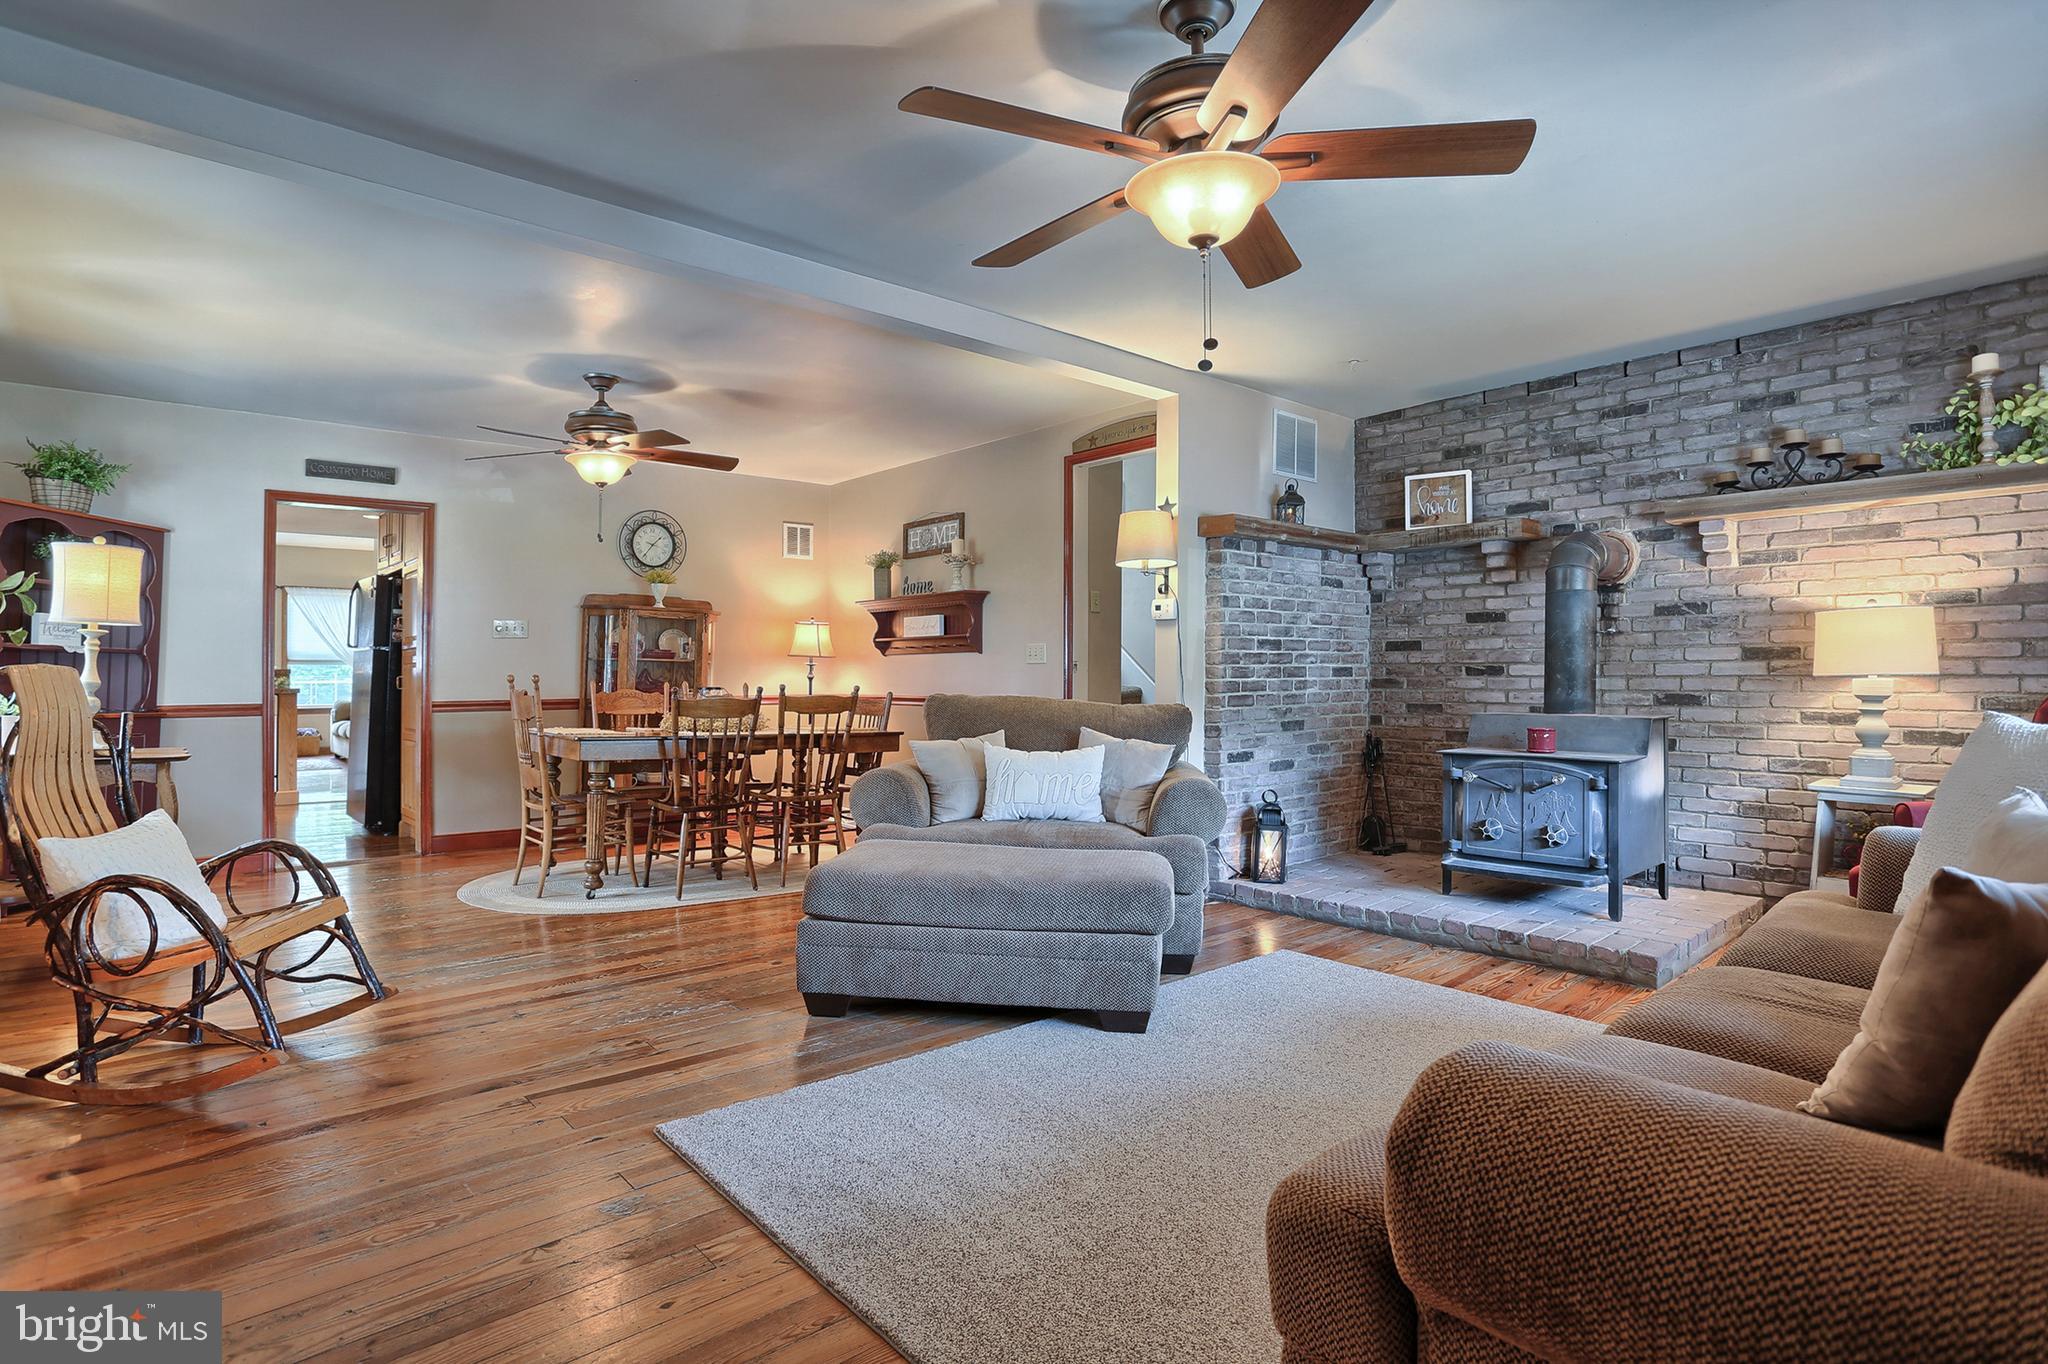 Original Wood Flooring in Living & Dining Area